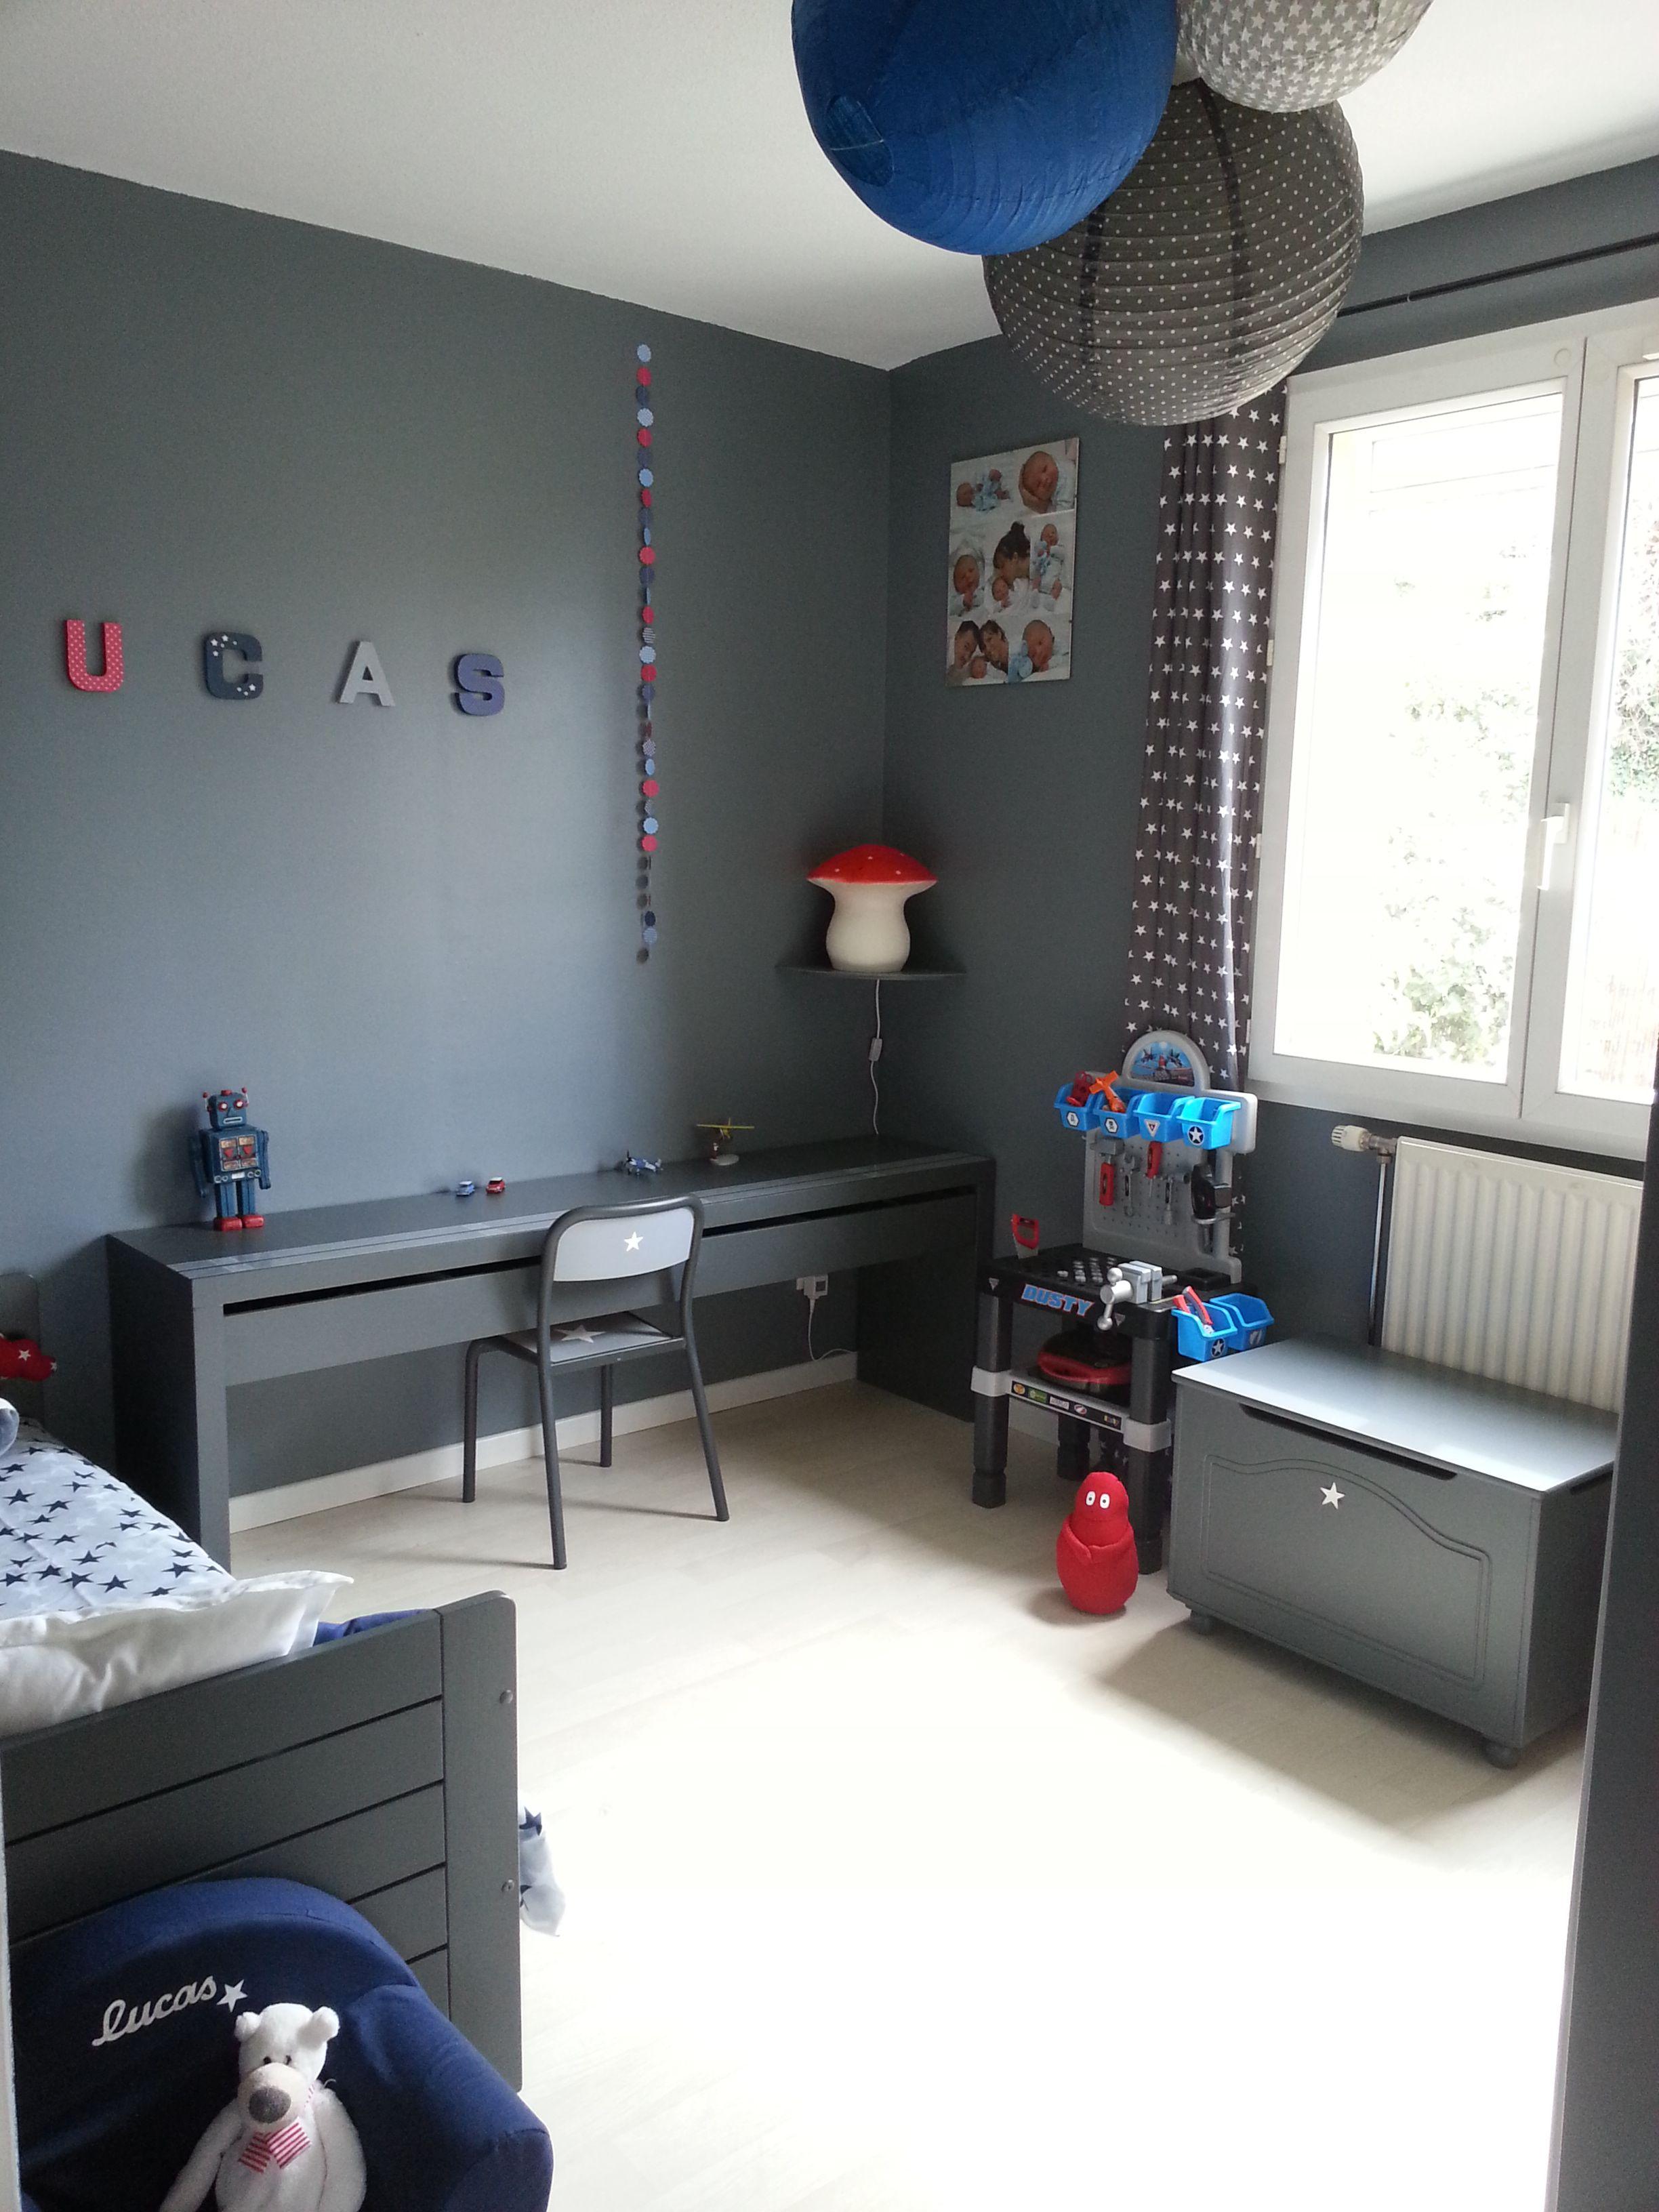 décoration chambre garcon 6 ans | Martin | Pinterest | Décoration ...